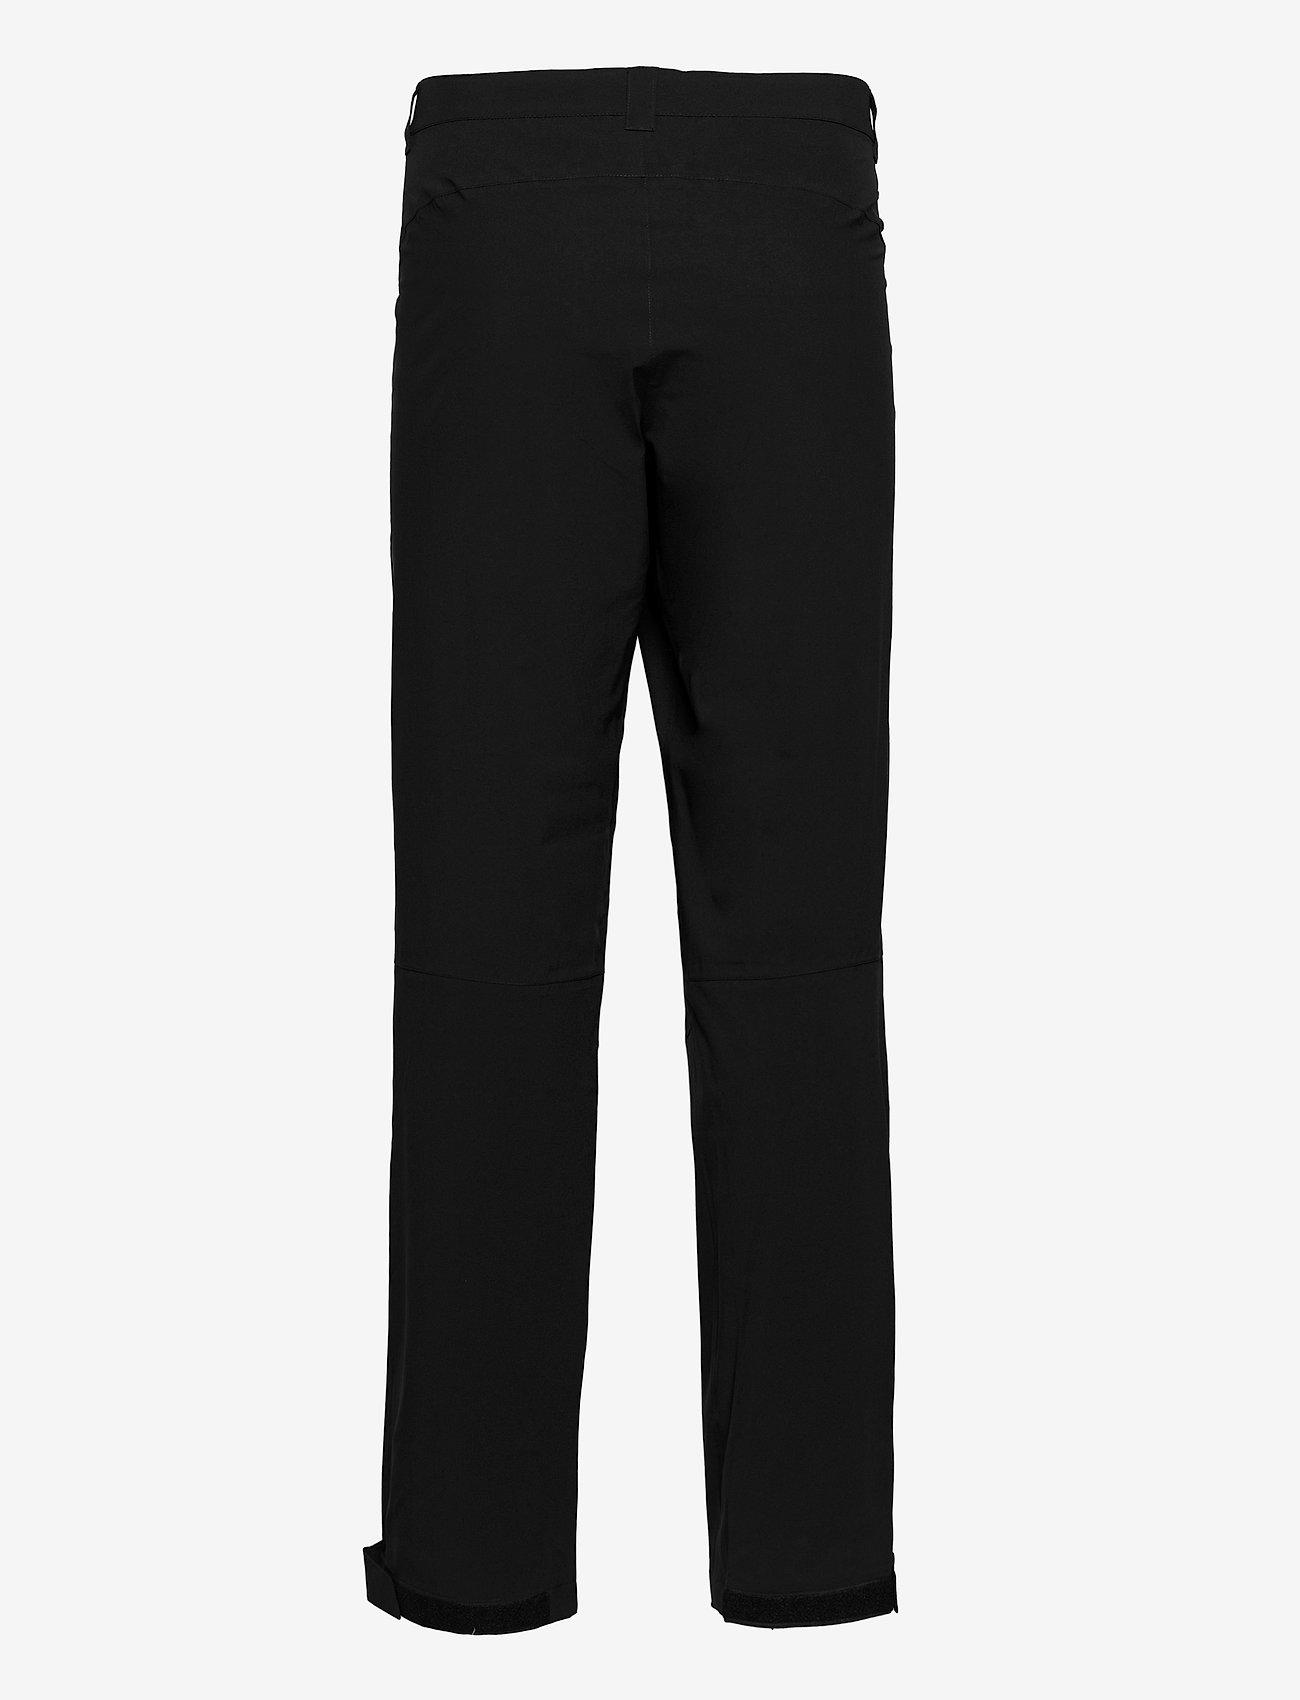 Biscaya MPants (Black) (54 €) - Tenson 6pfFk